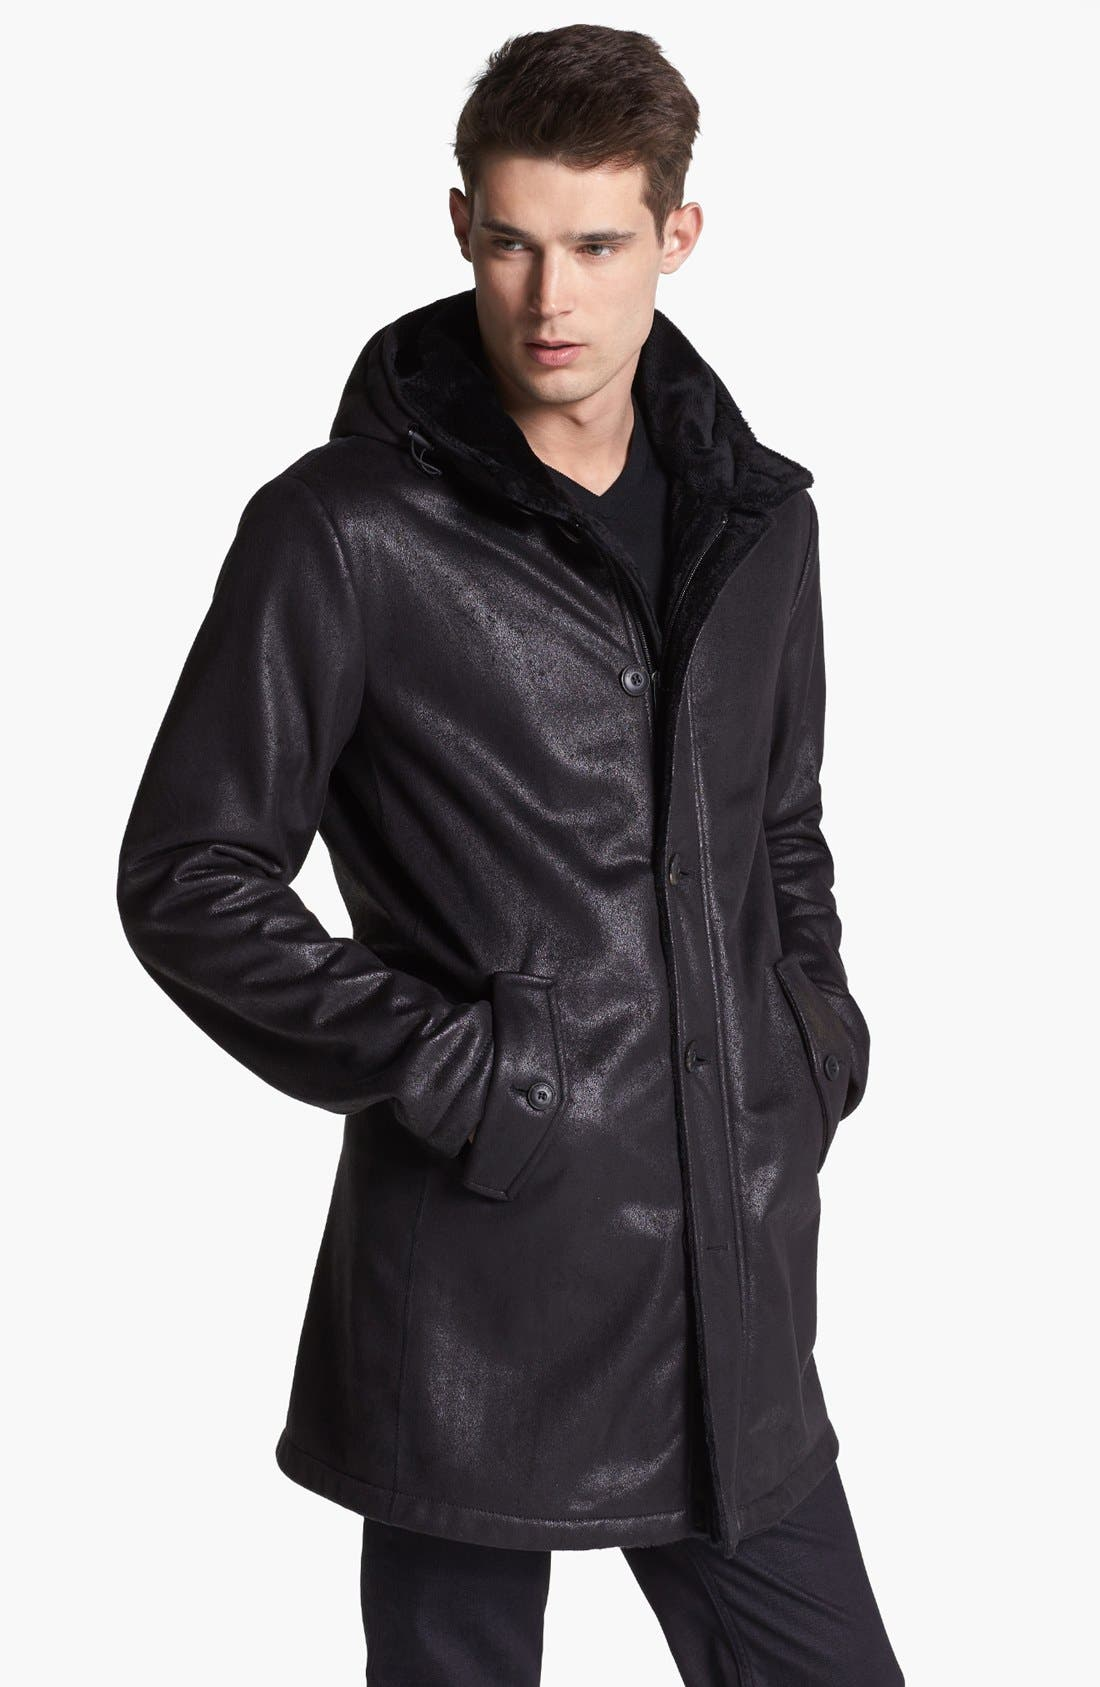 Alternate Image 1 Selected - Armani Collezioni Faux Leather Duffle Coat